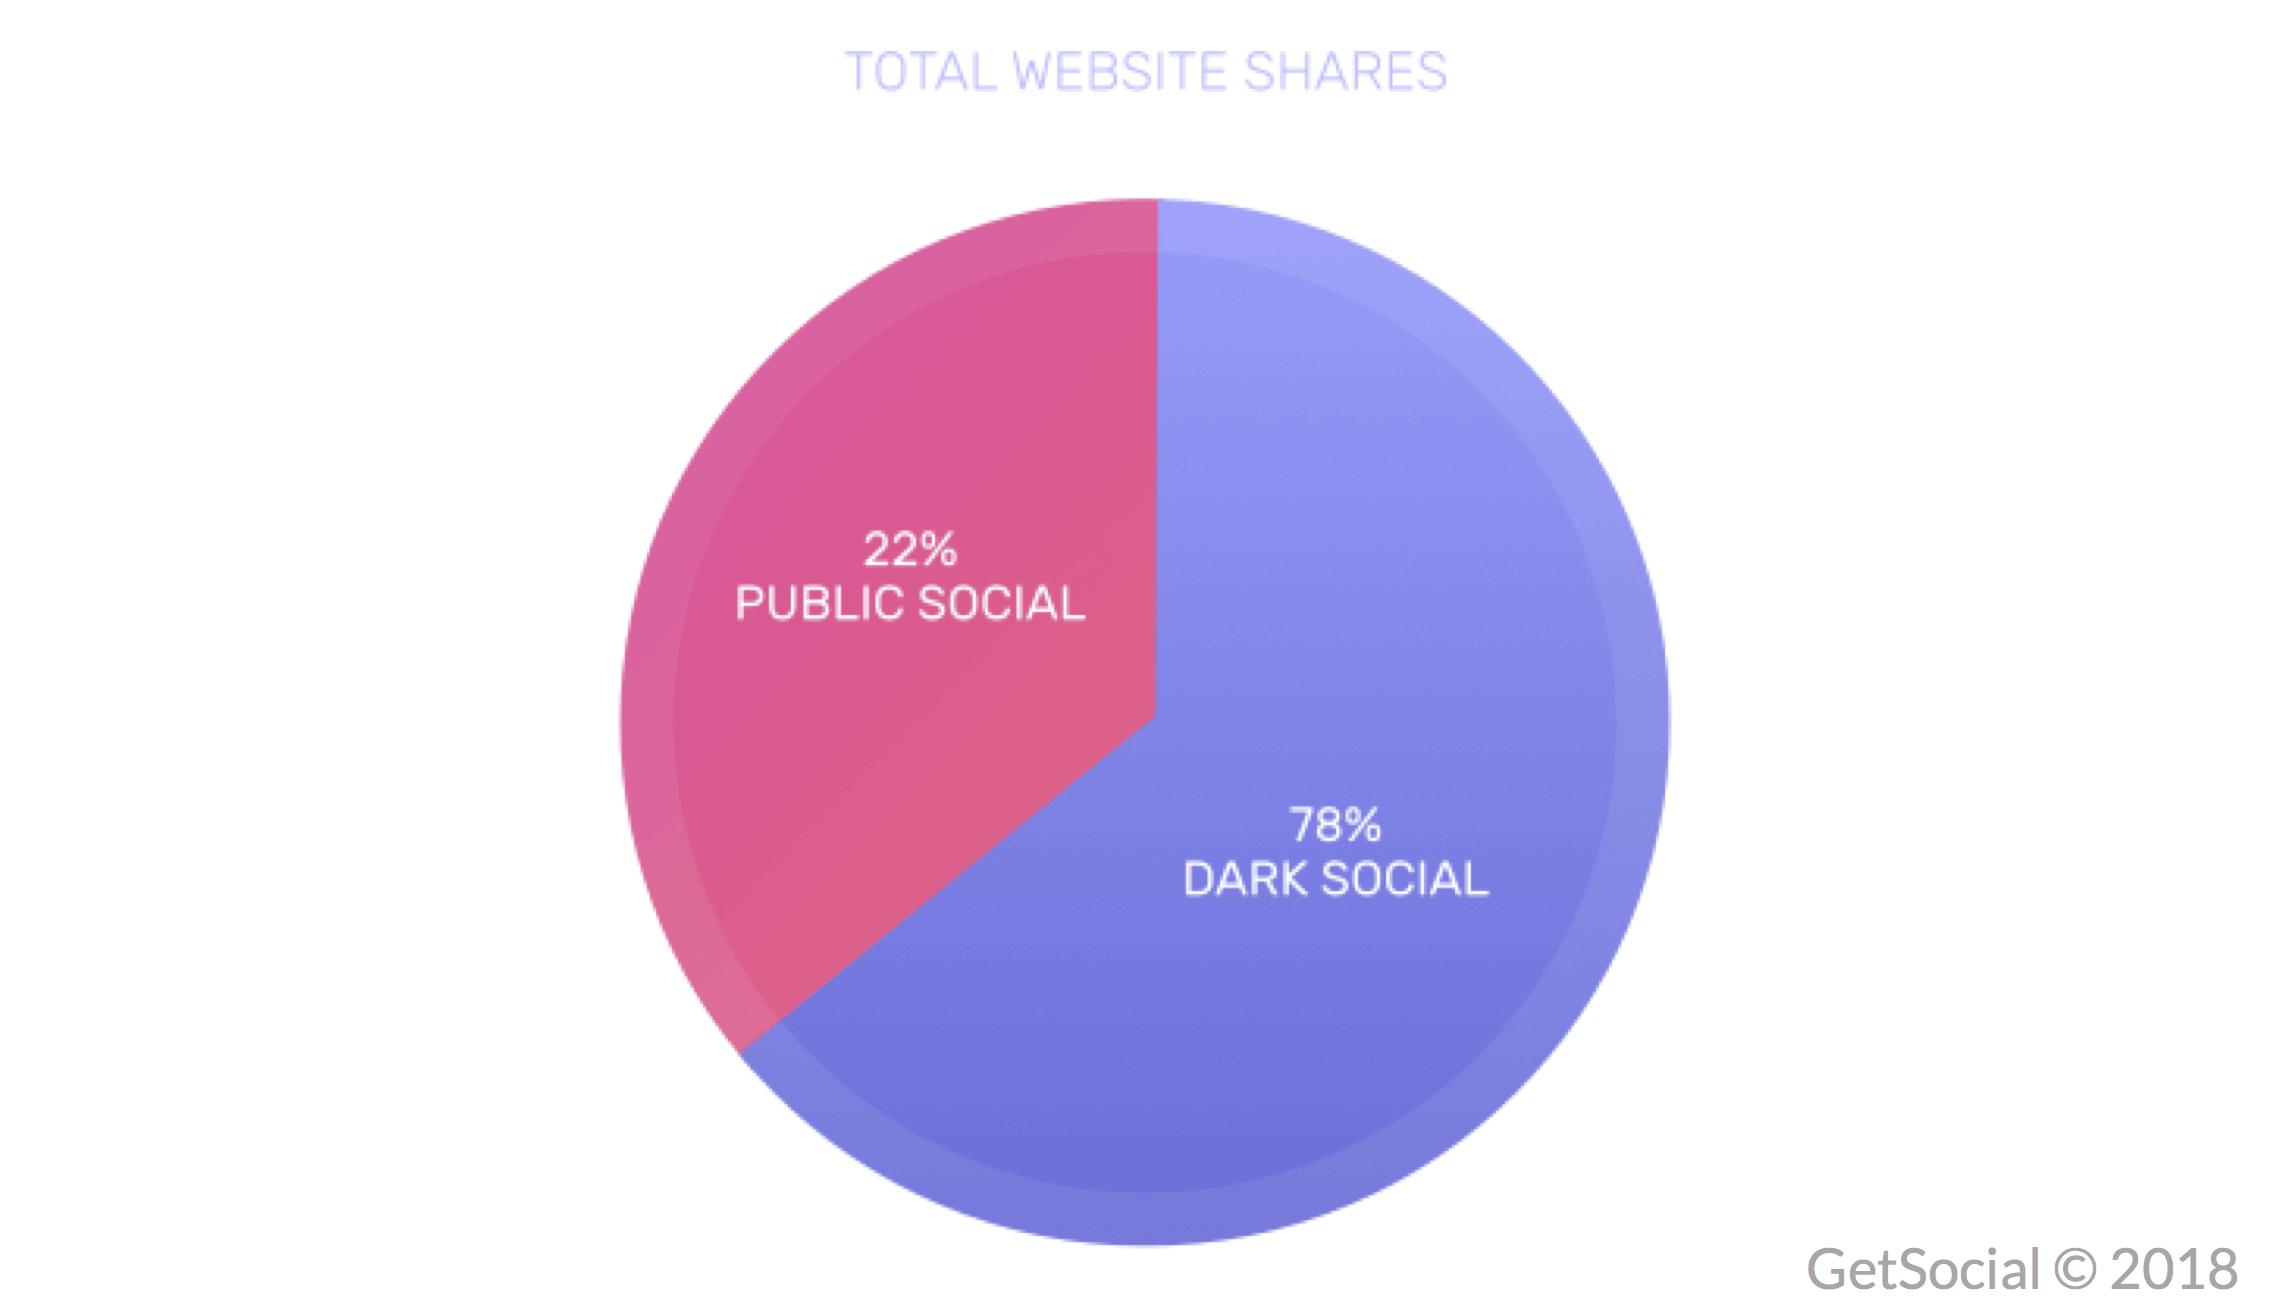 dark social shares